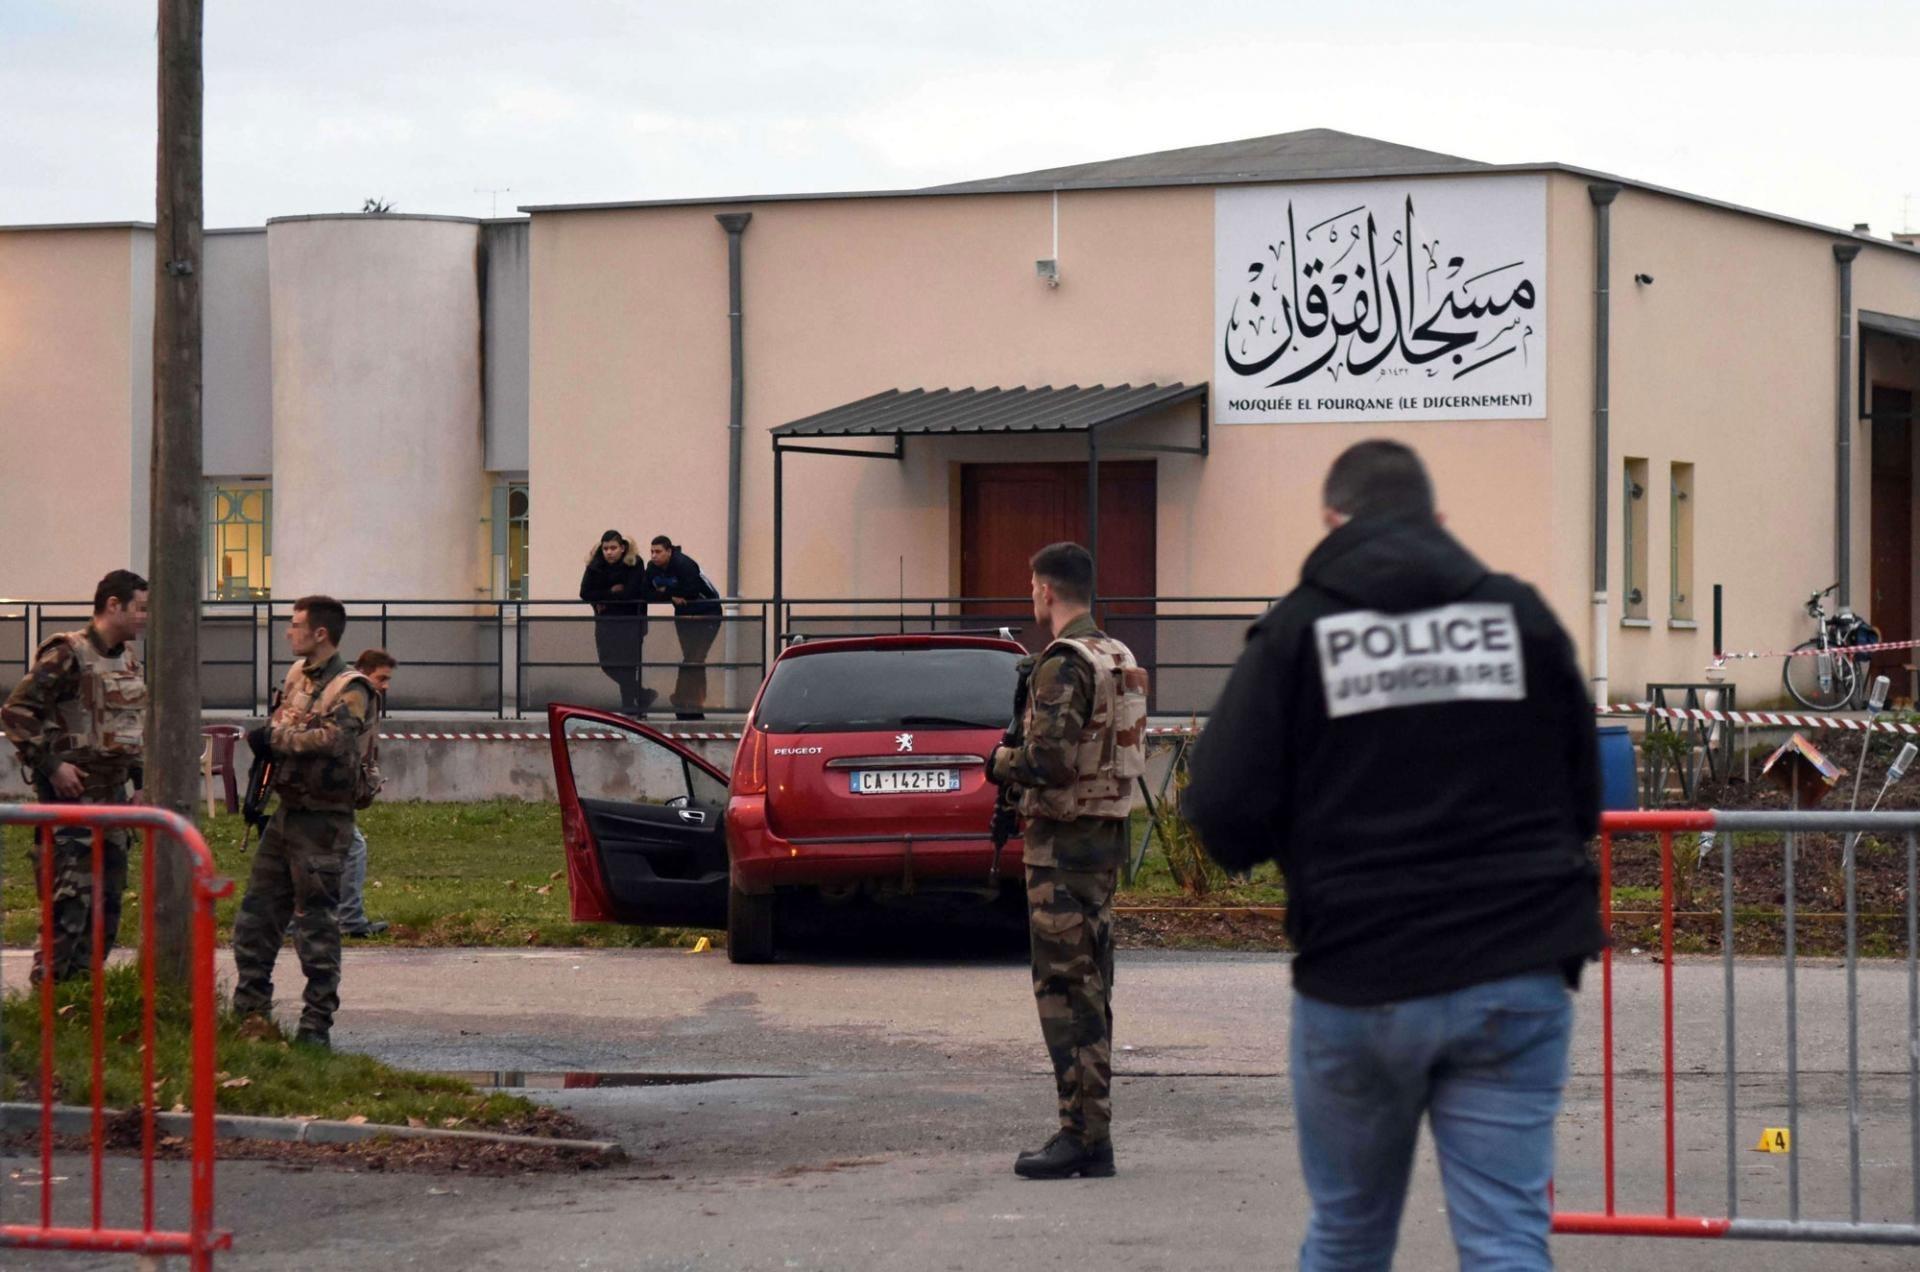 فرنسا تطلق حملة غير مسبوقة لتفتيش 76 مسجداً